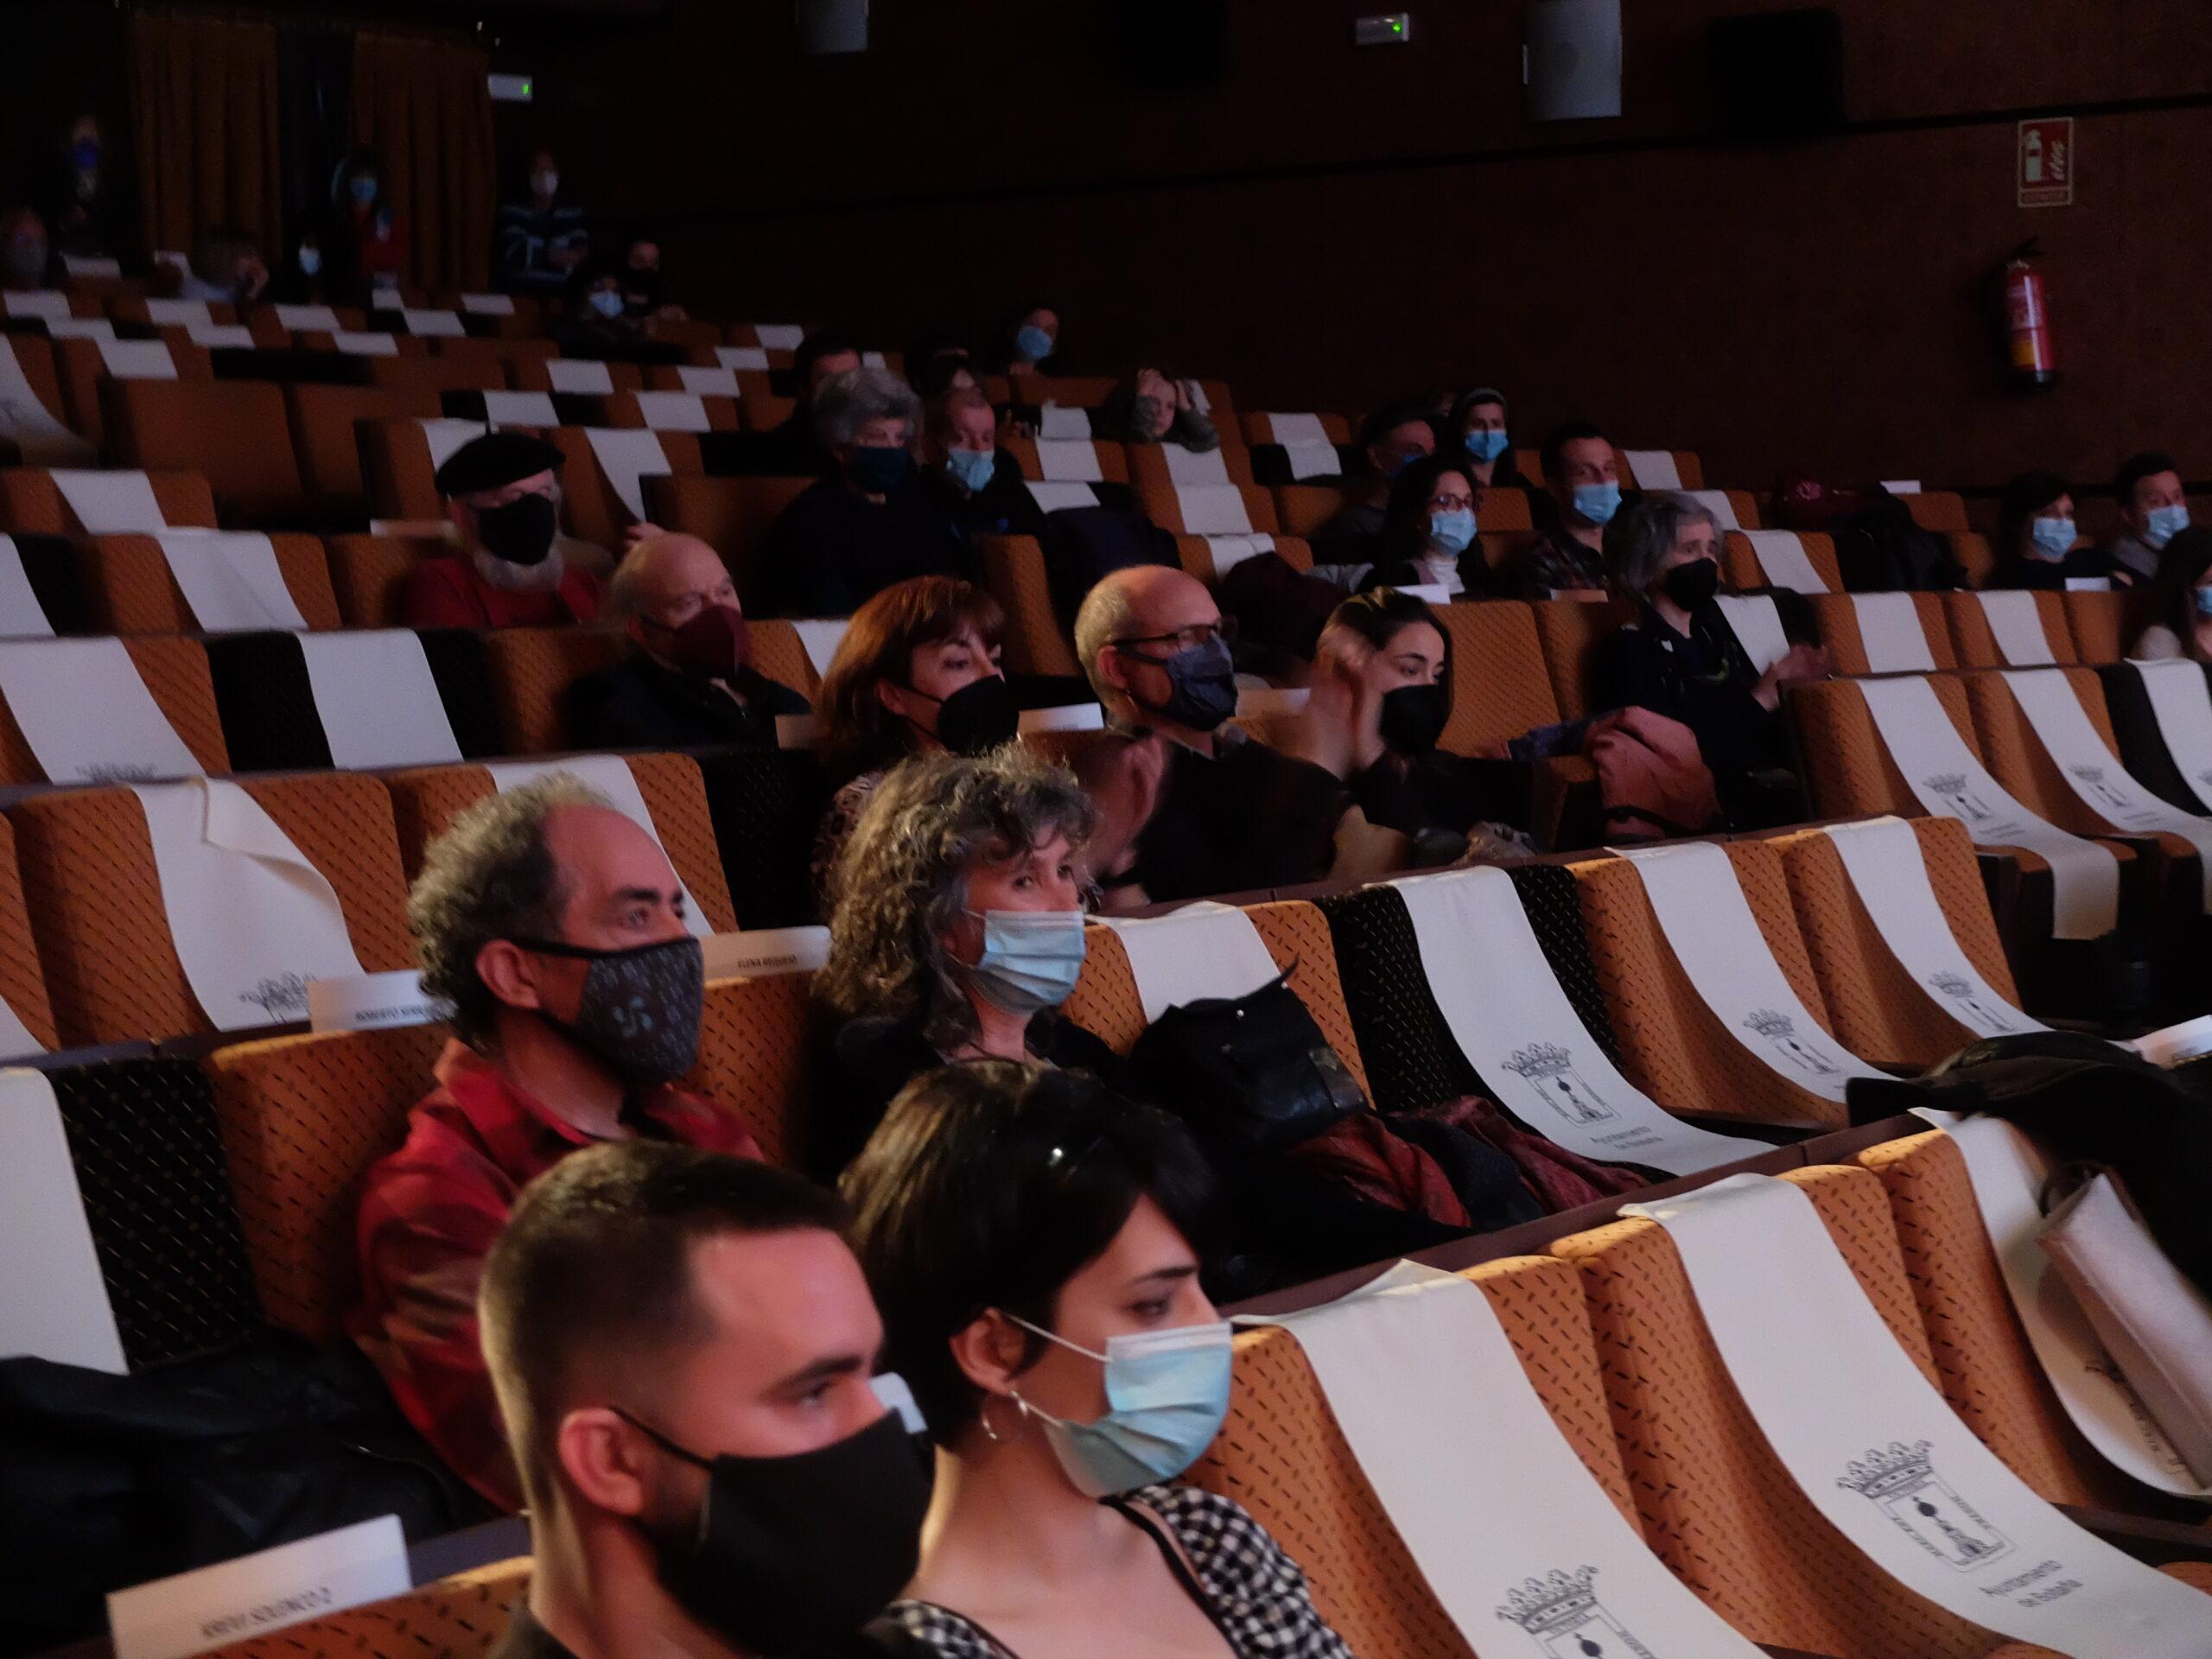 público en la sala y Krevi Solenco en primer plano